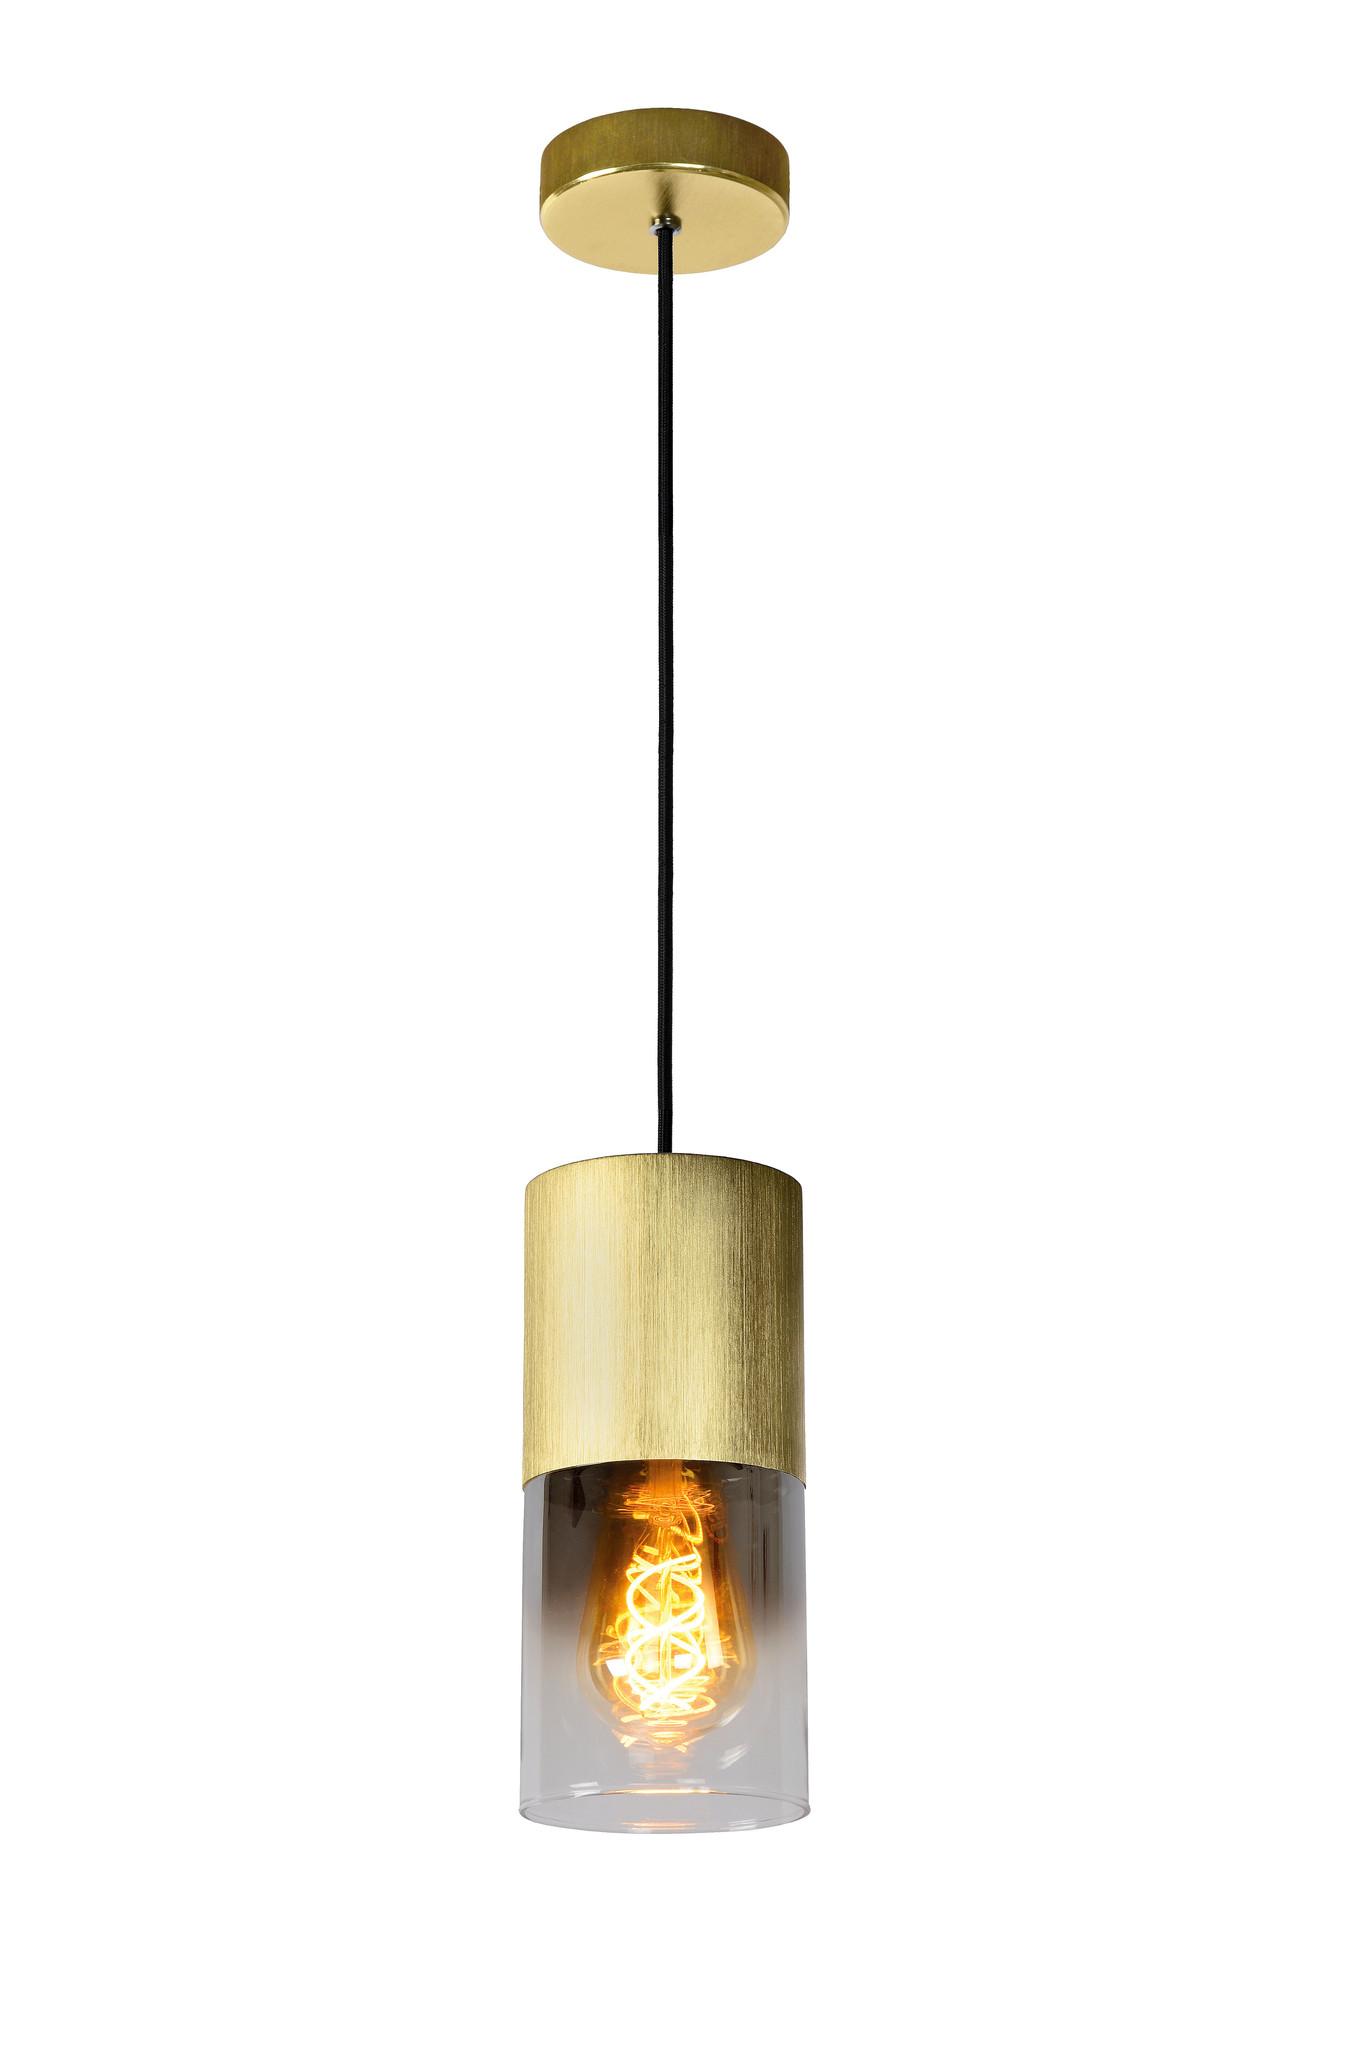 Lucide ZINO Hanglamp-Mat Go.-Ø10-1xE27-60W-Alumin.